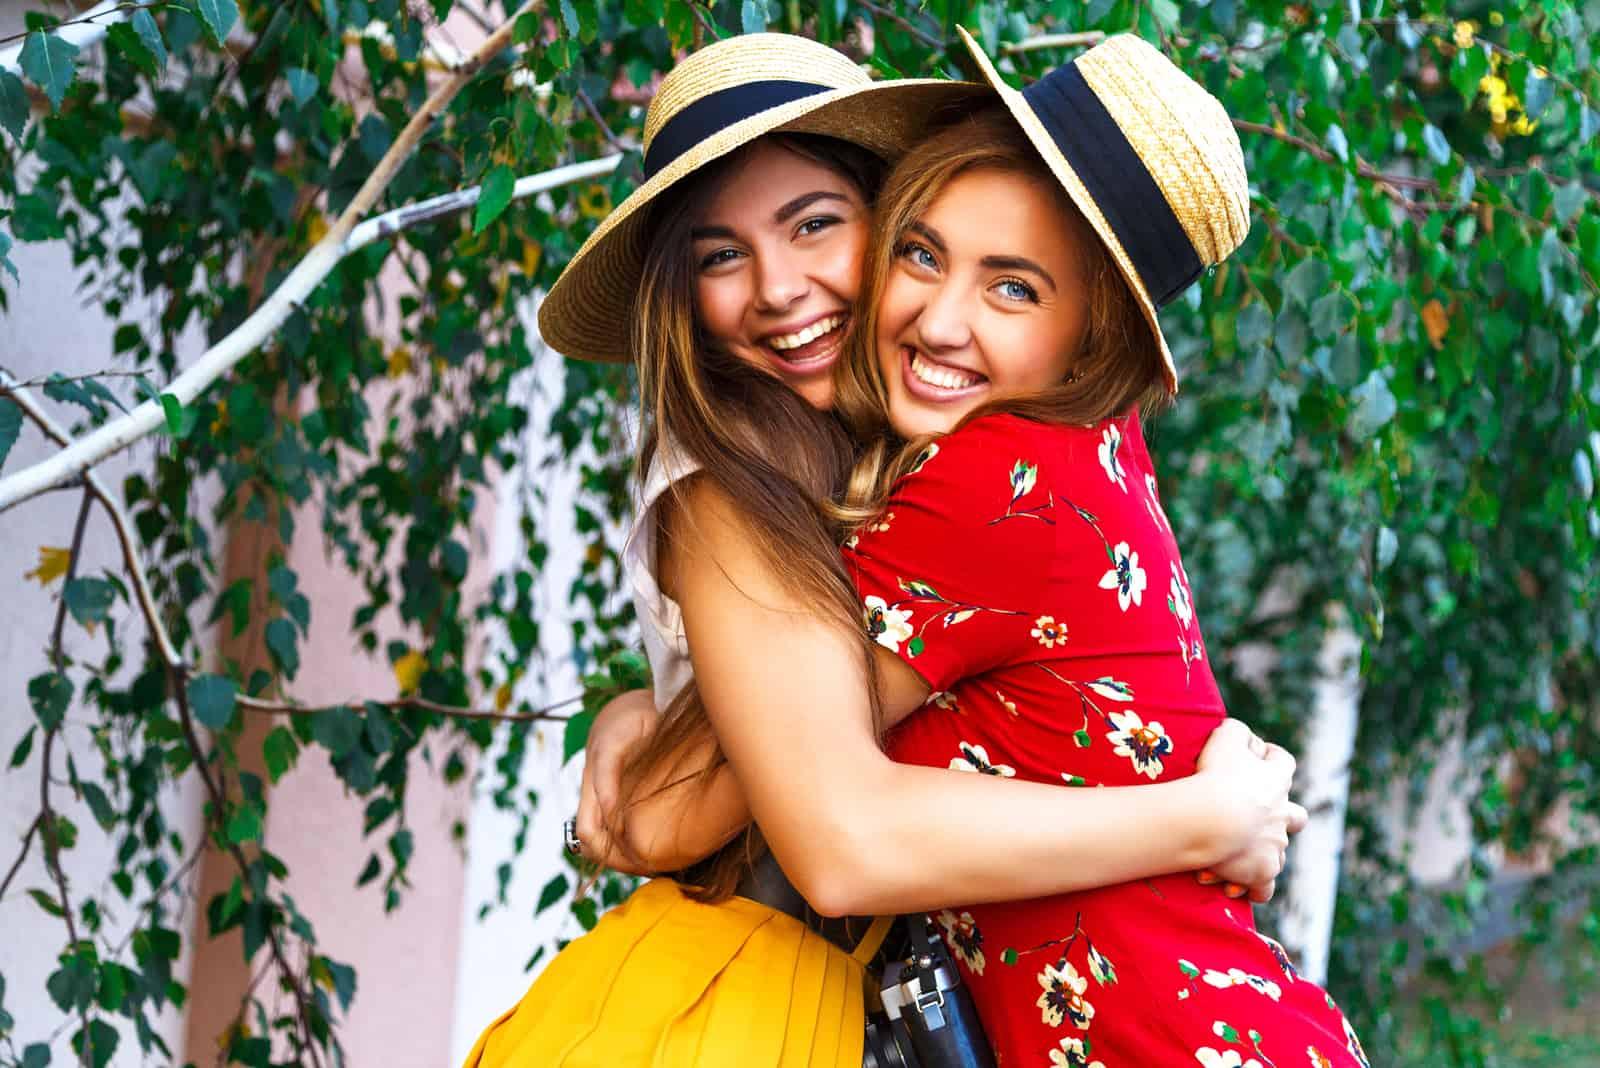 deux femmes avec un chapeau sur la tête embrassées